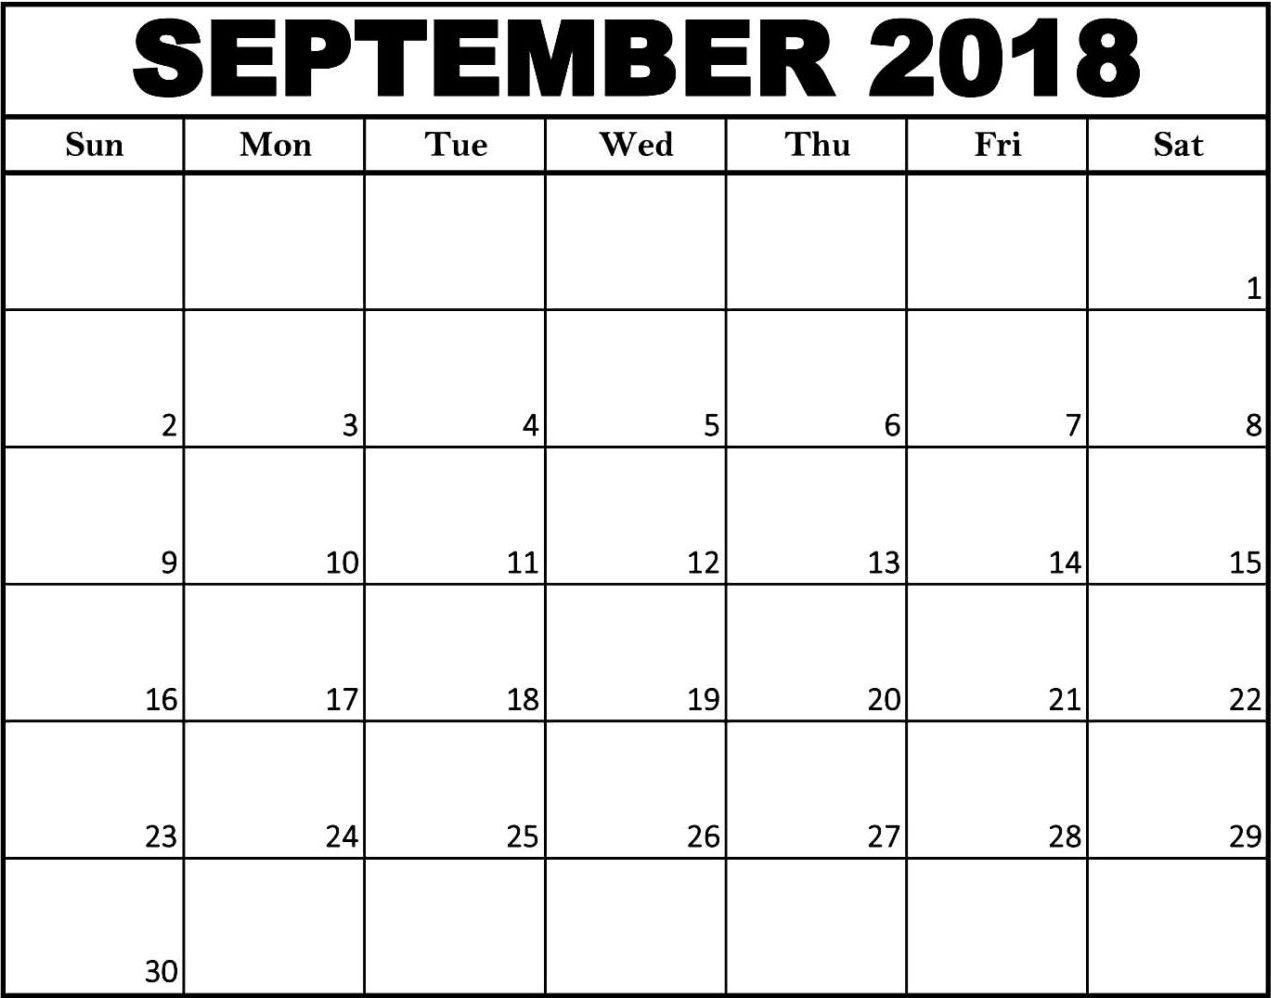 September Calendar 2018 Template intended for Blank Printable September Calendar